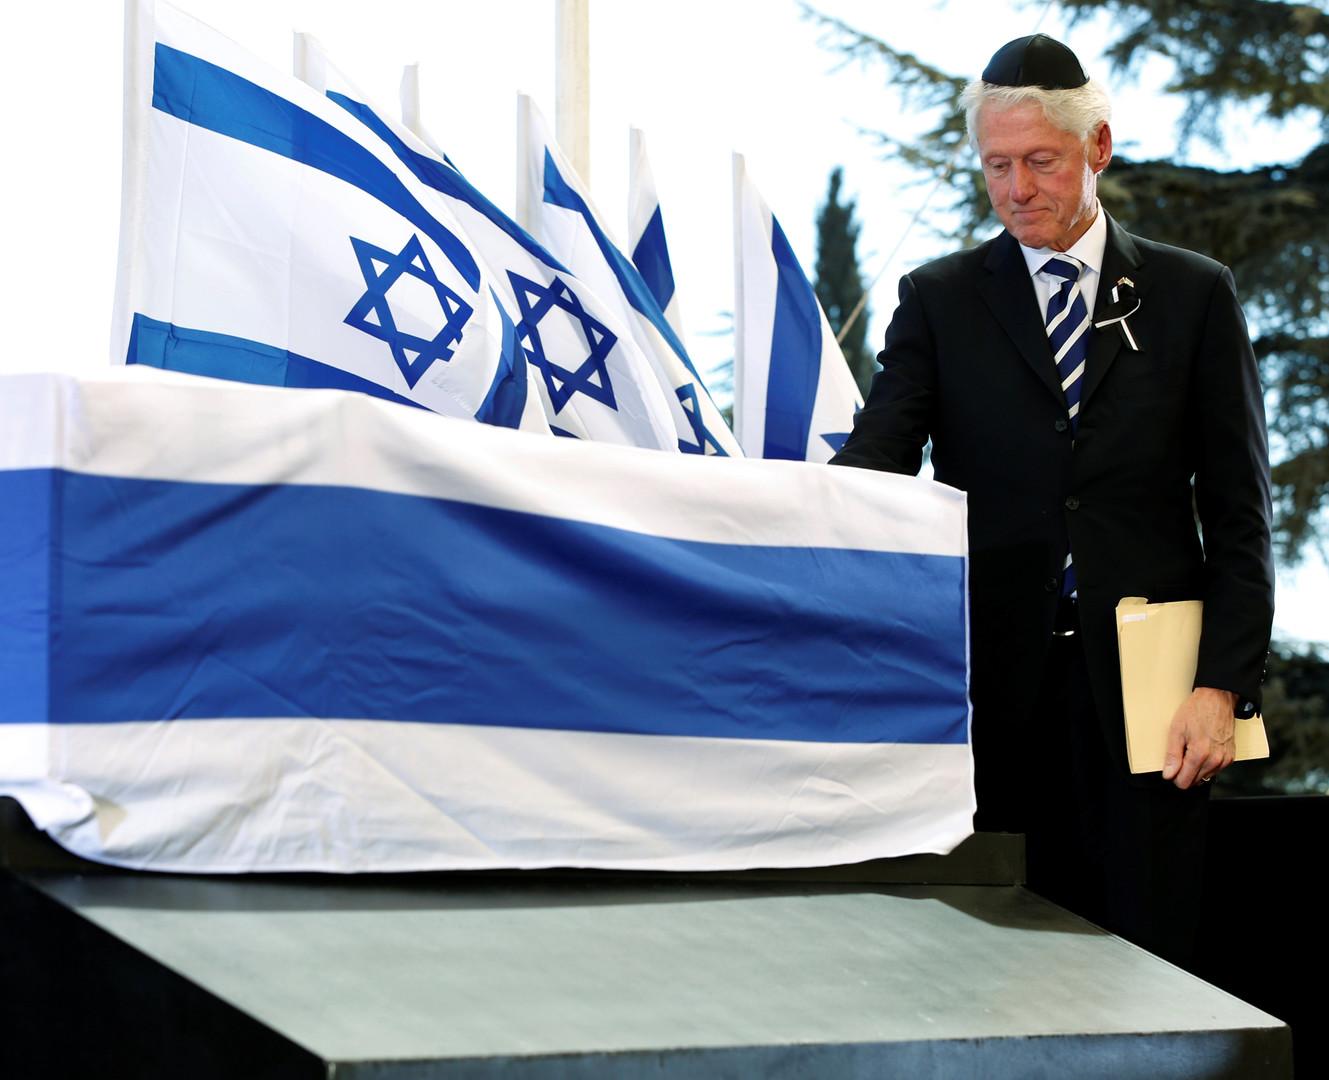 Билл Клинтон на церемонии прощания с бывшим президентом Израиля Шимоном Пересом, скончавшимся 28 сентября в возрасте 93 лет.